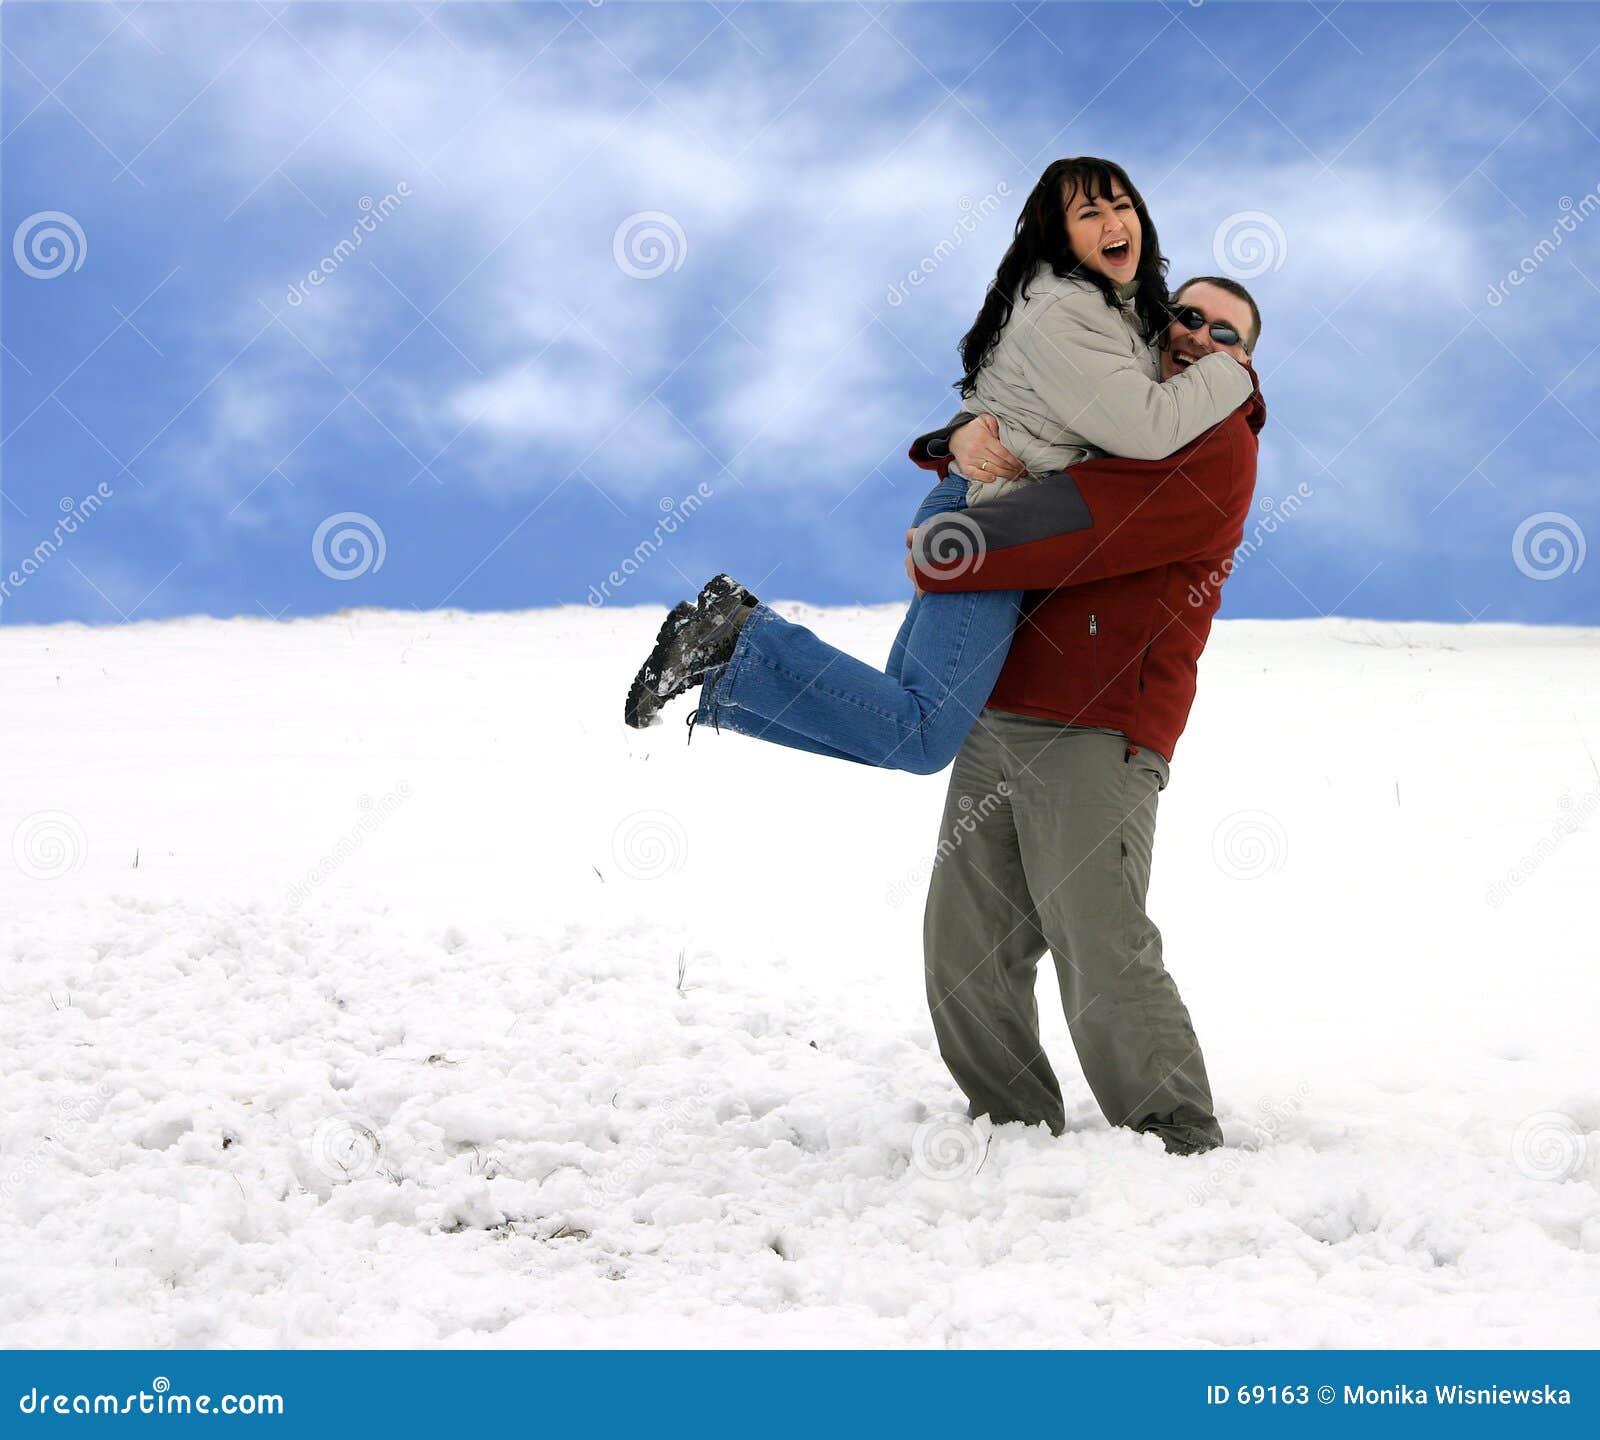 Couple - Having Fun In Snow